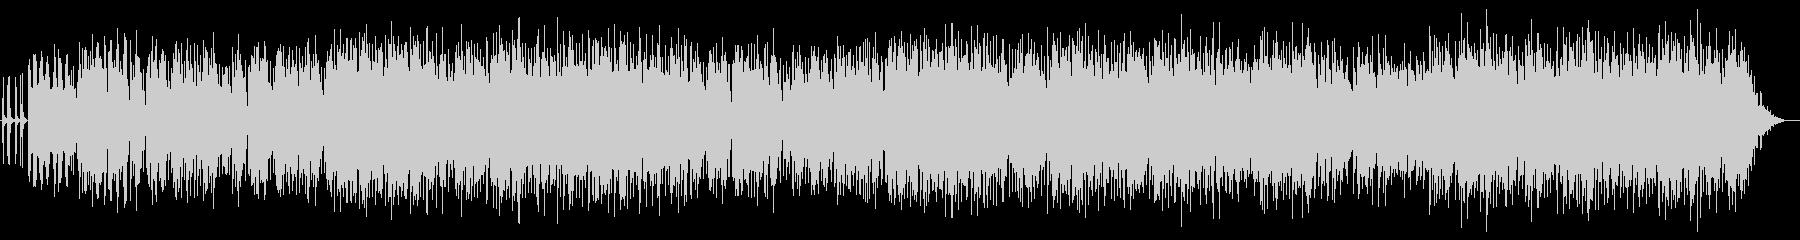 80's風シンセポップ(インスト)の未再生の波形